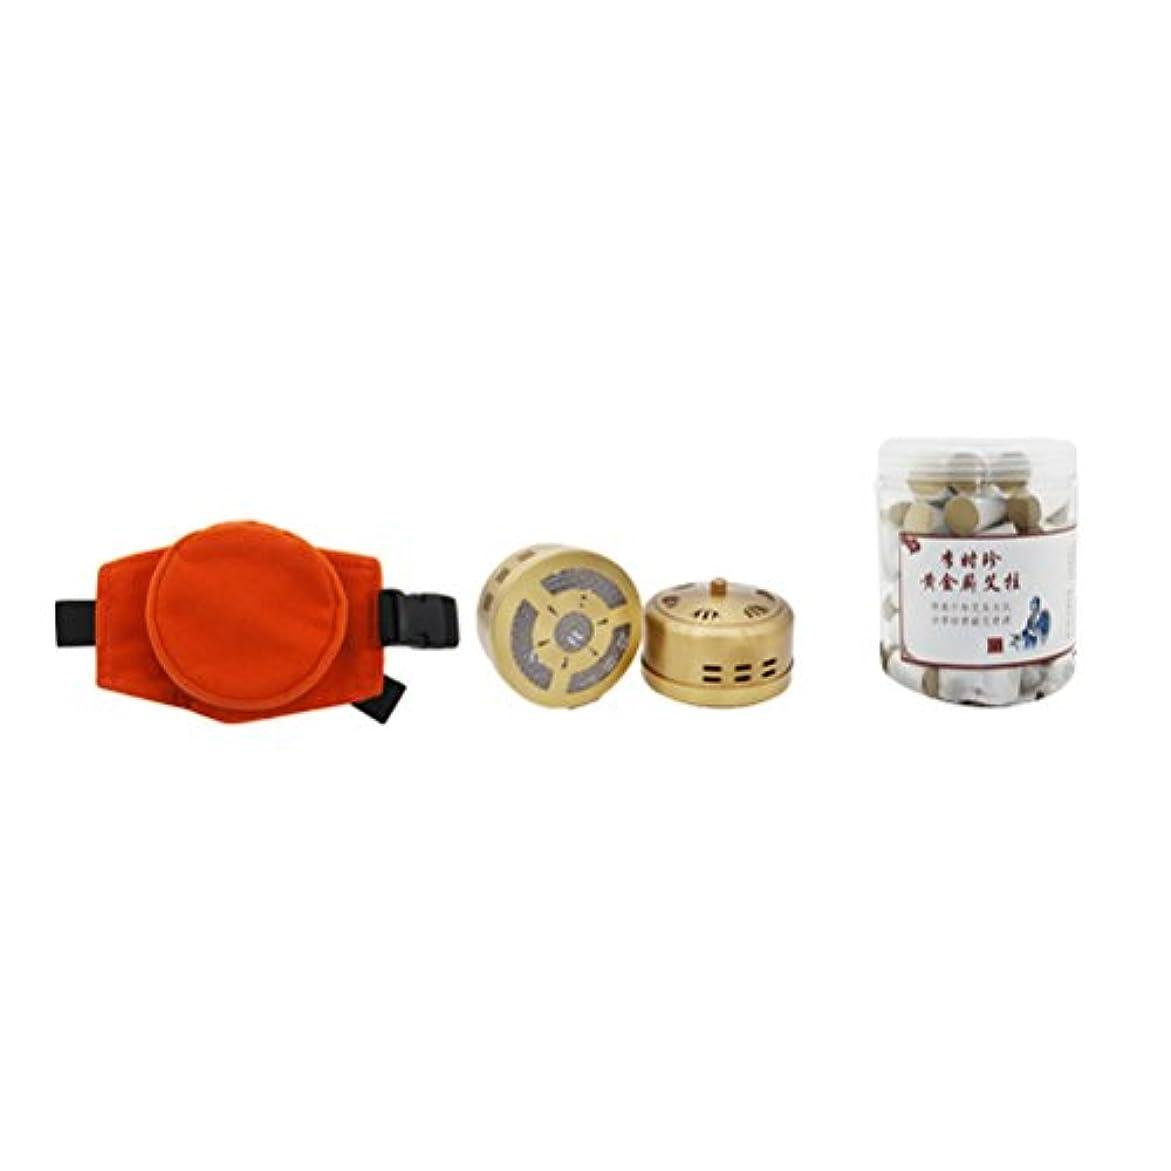 あたたかいアイスクリーム汚染灸スティックバーナーボックス無煙Moxa清浄器銅タンク調節可能なポケットと60個の腰部頚部の膝関節炎痛み緩和のための灸棒の灸治療の箱